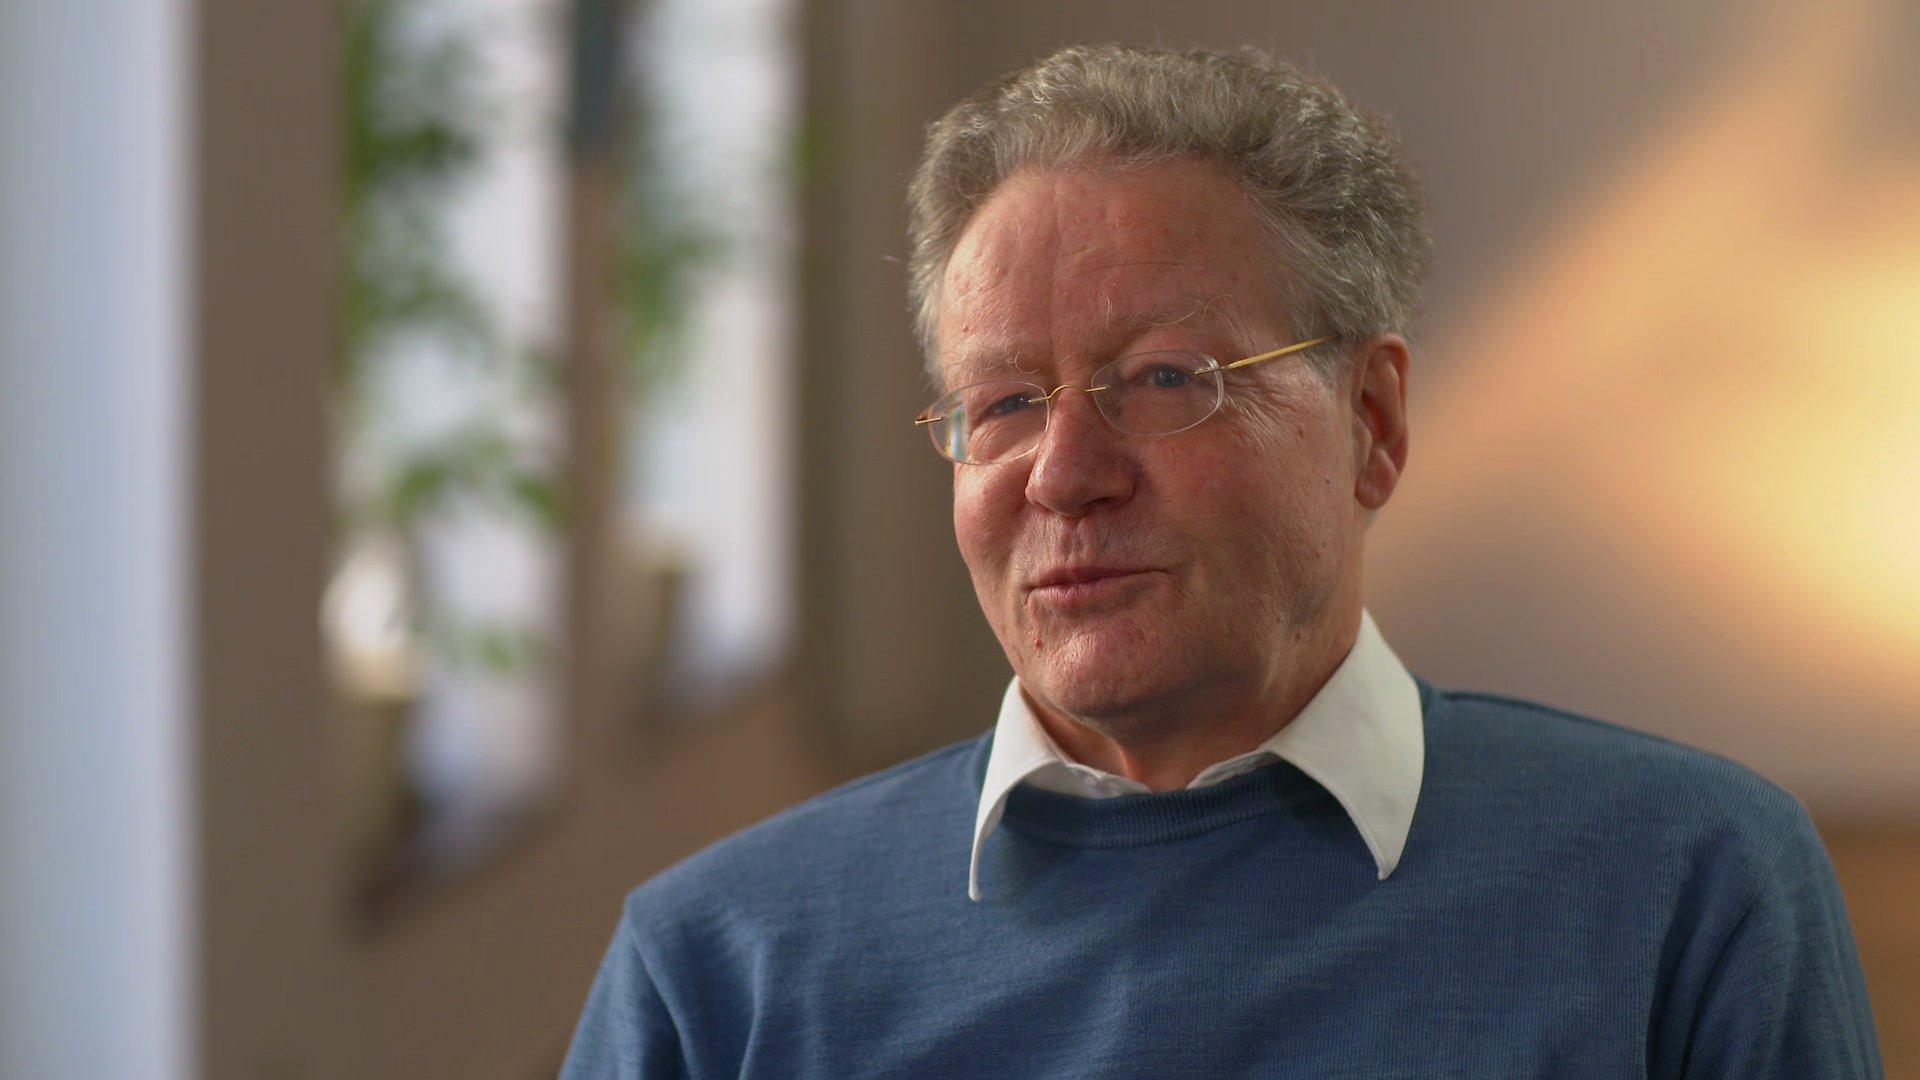 AfD-Gründungsmitglied Konrad Adam über die AfD, 2016 (Video)